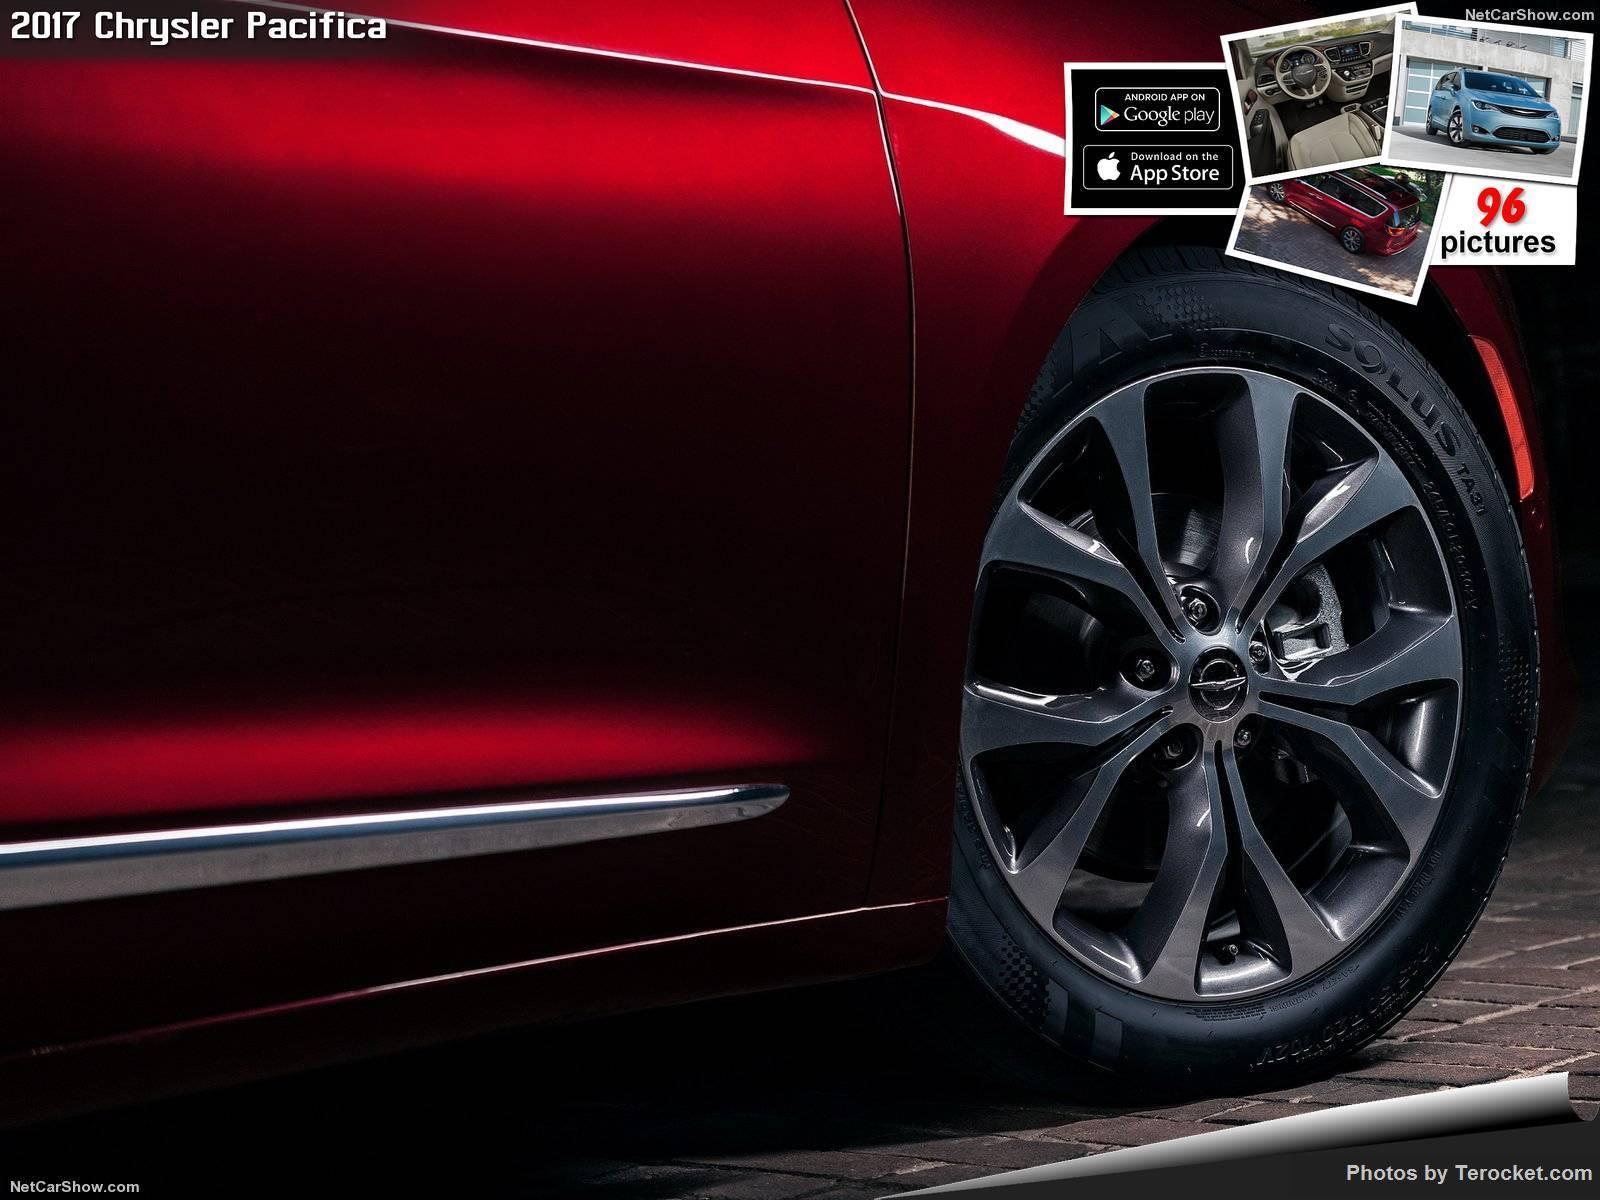 Hình ảnh xe ô tô Chrysler Pacifica 2017 & nội ngoại thất